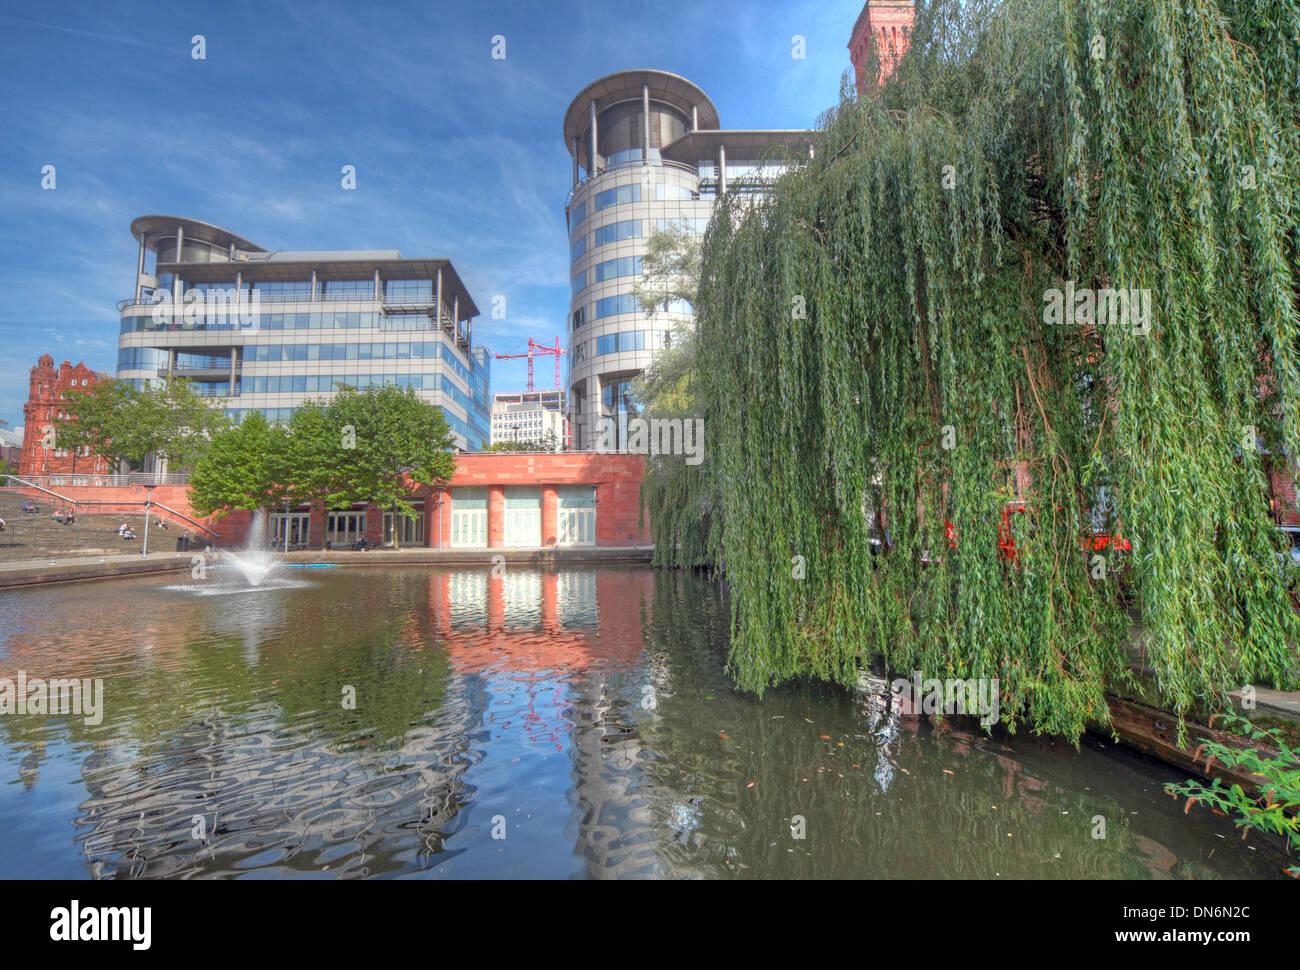 Laden Sie dieses Alamy Stockfoto Weitwinkeleinstellung von Bridgewater Hall & 101 Barbirolli Platz Manchester, England UK mit Kanal-Becken Reflexionen - DN6N2C